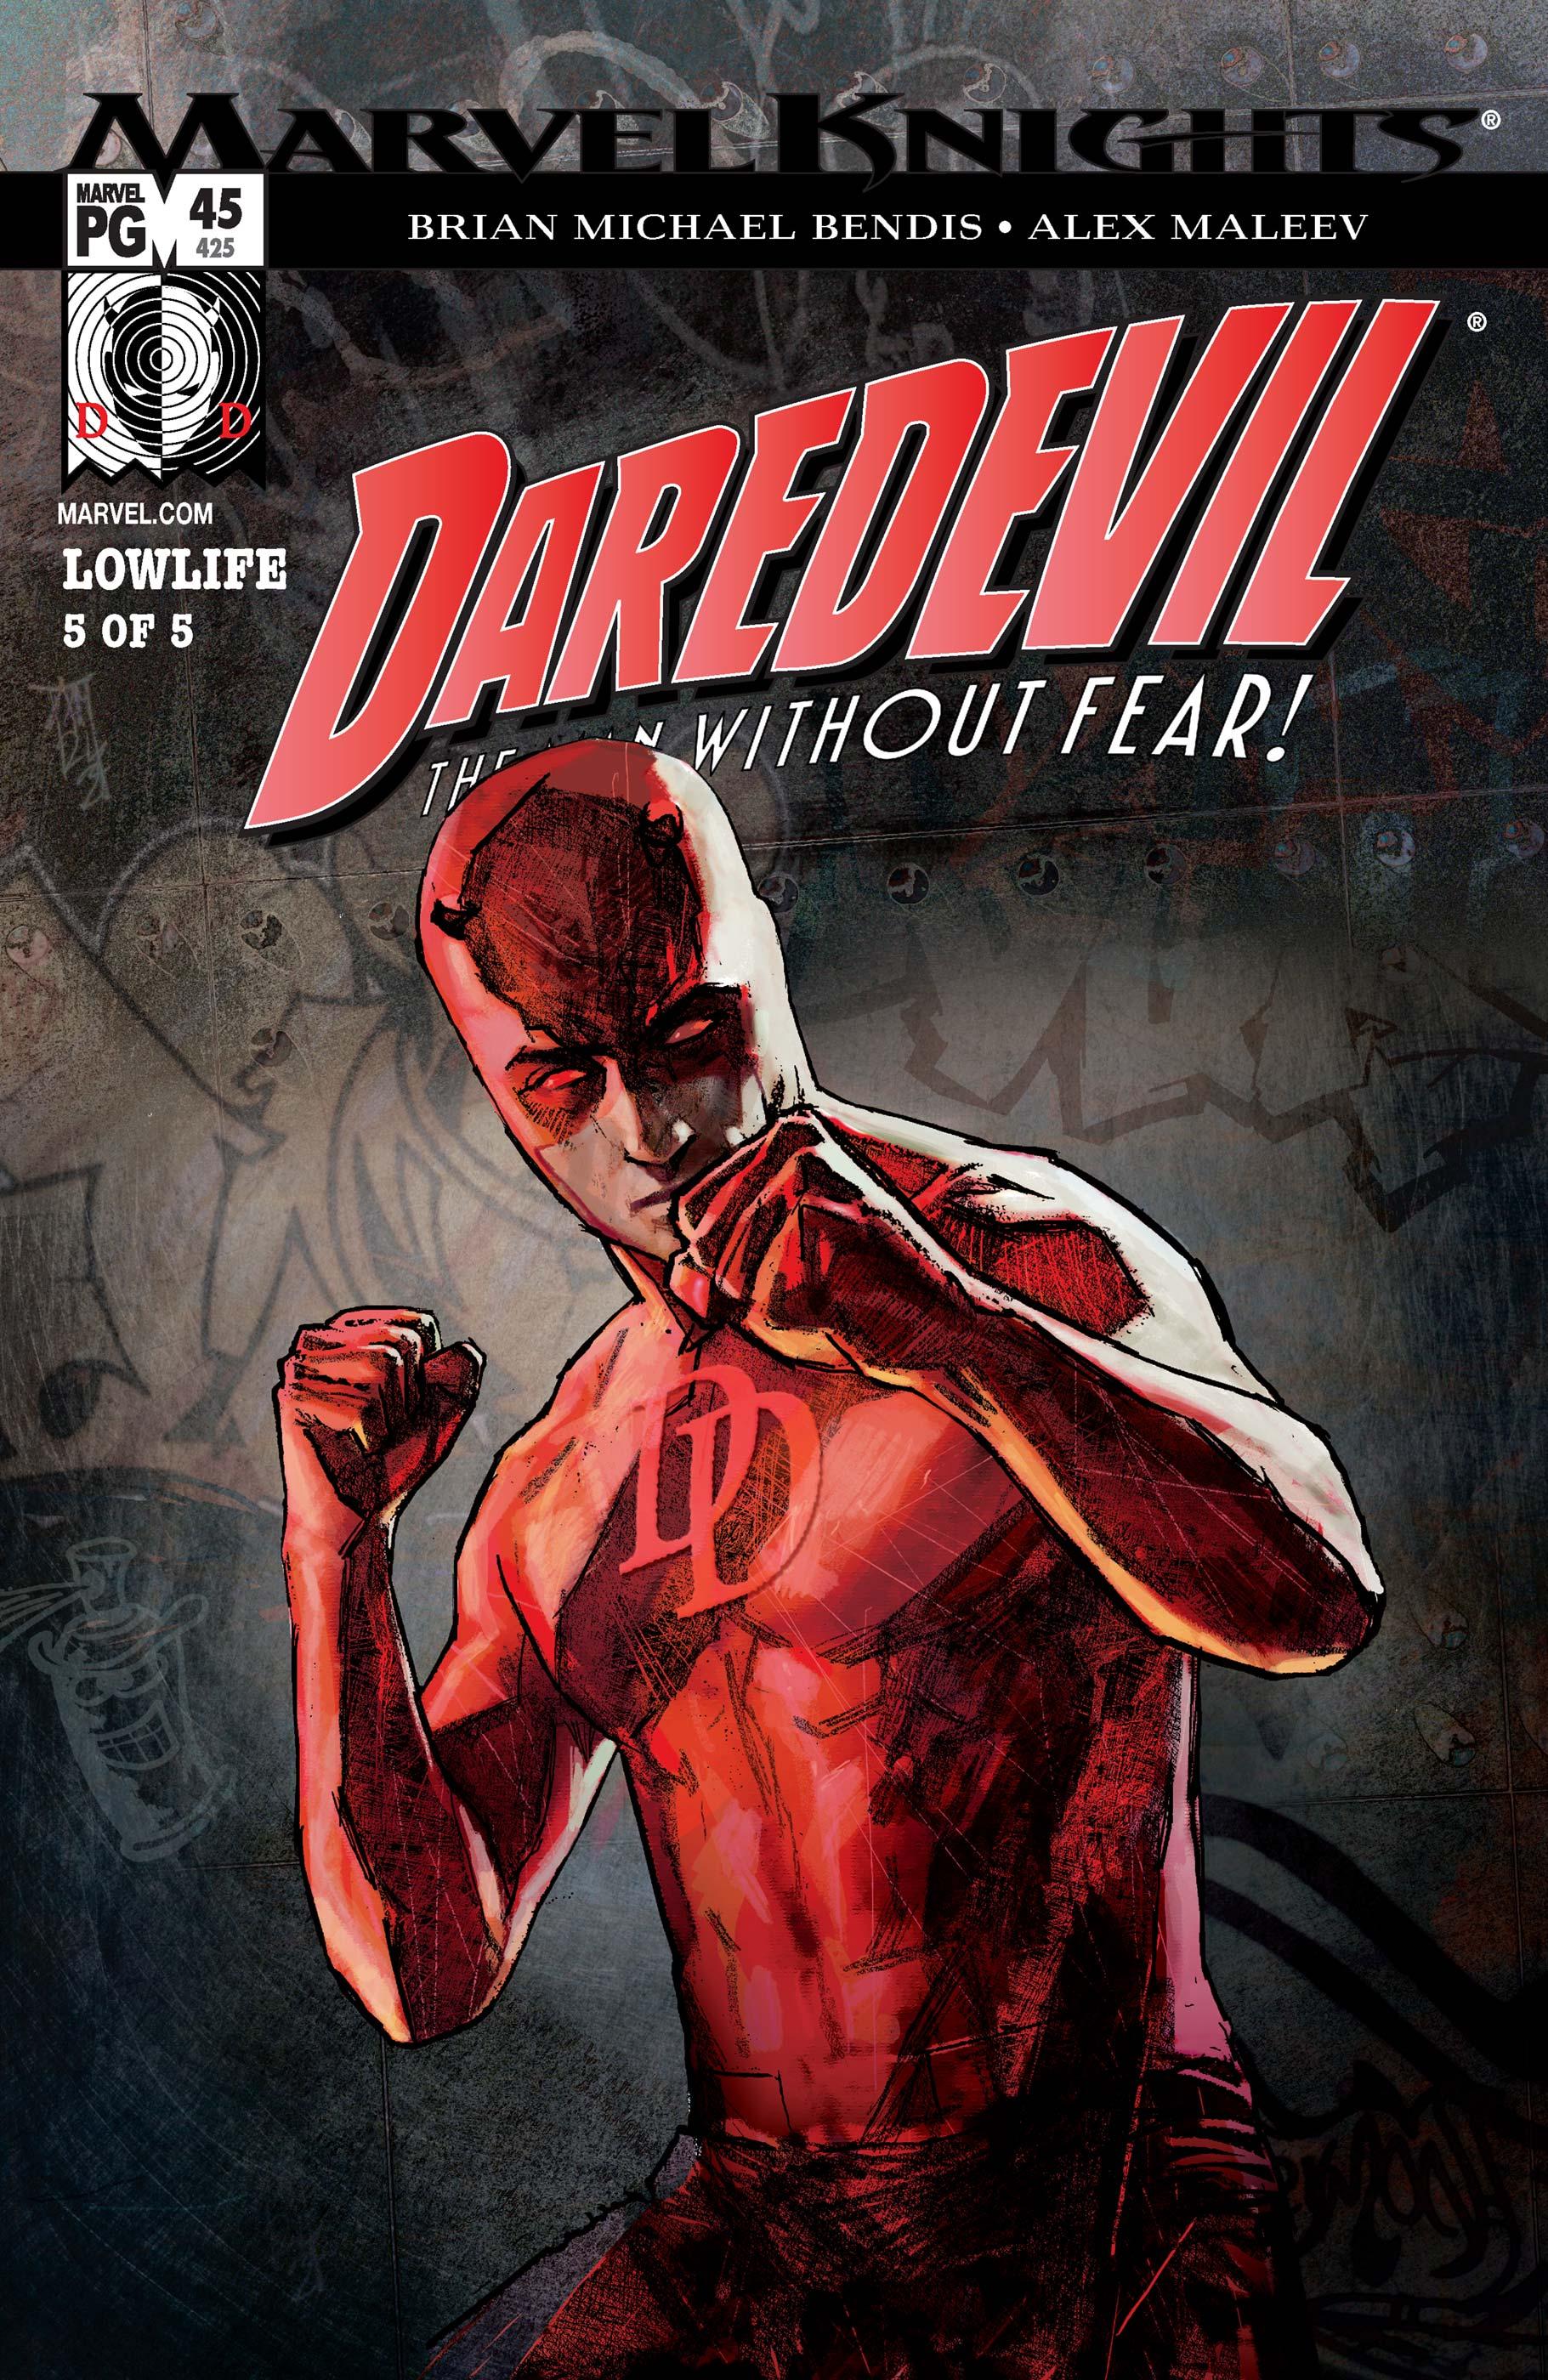 Daredevil (1998) #45